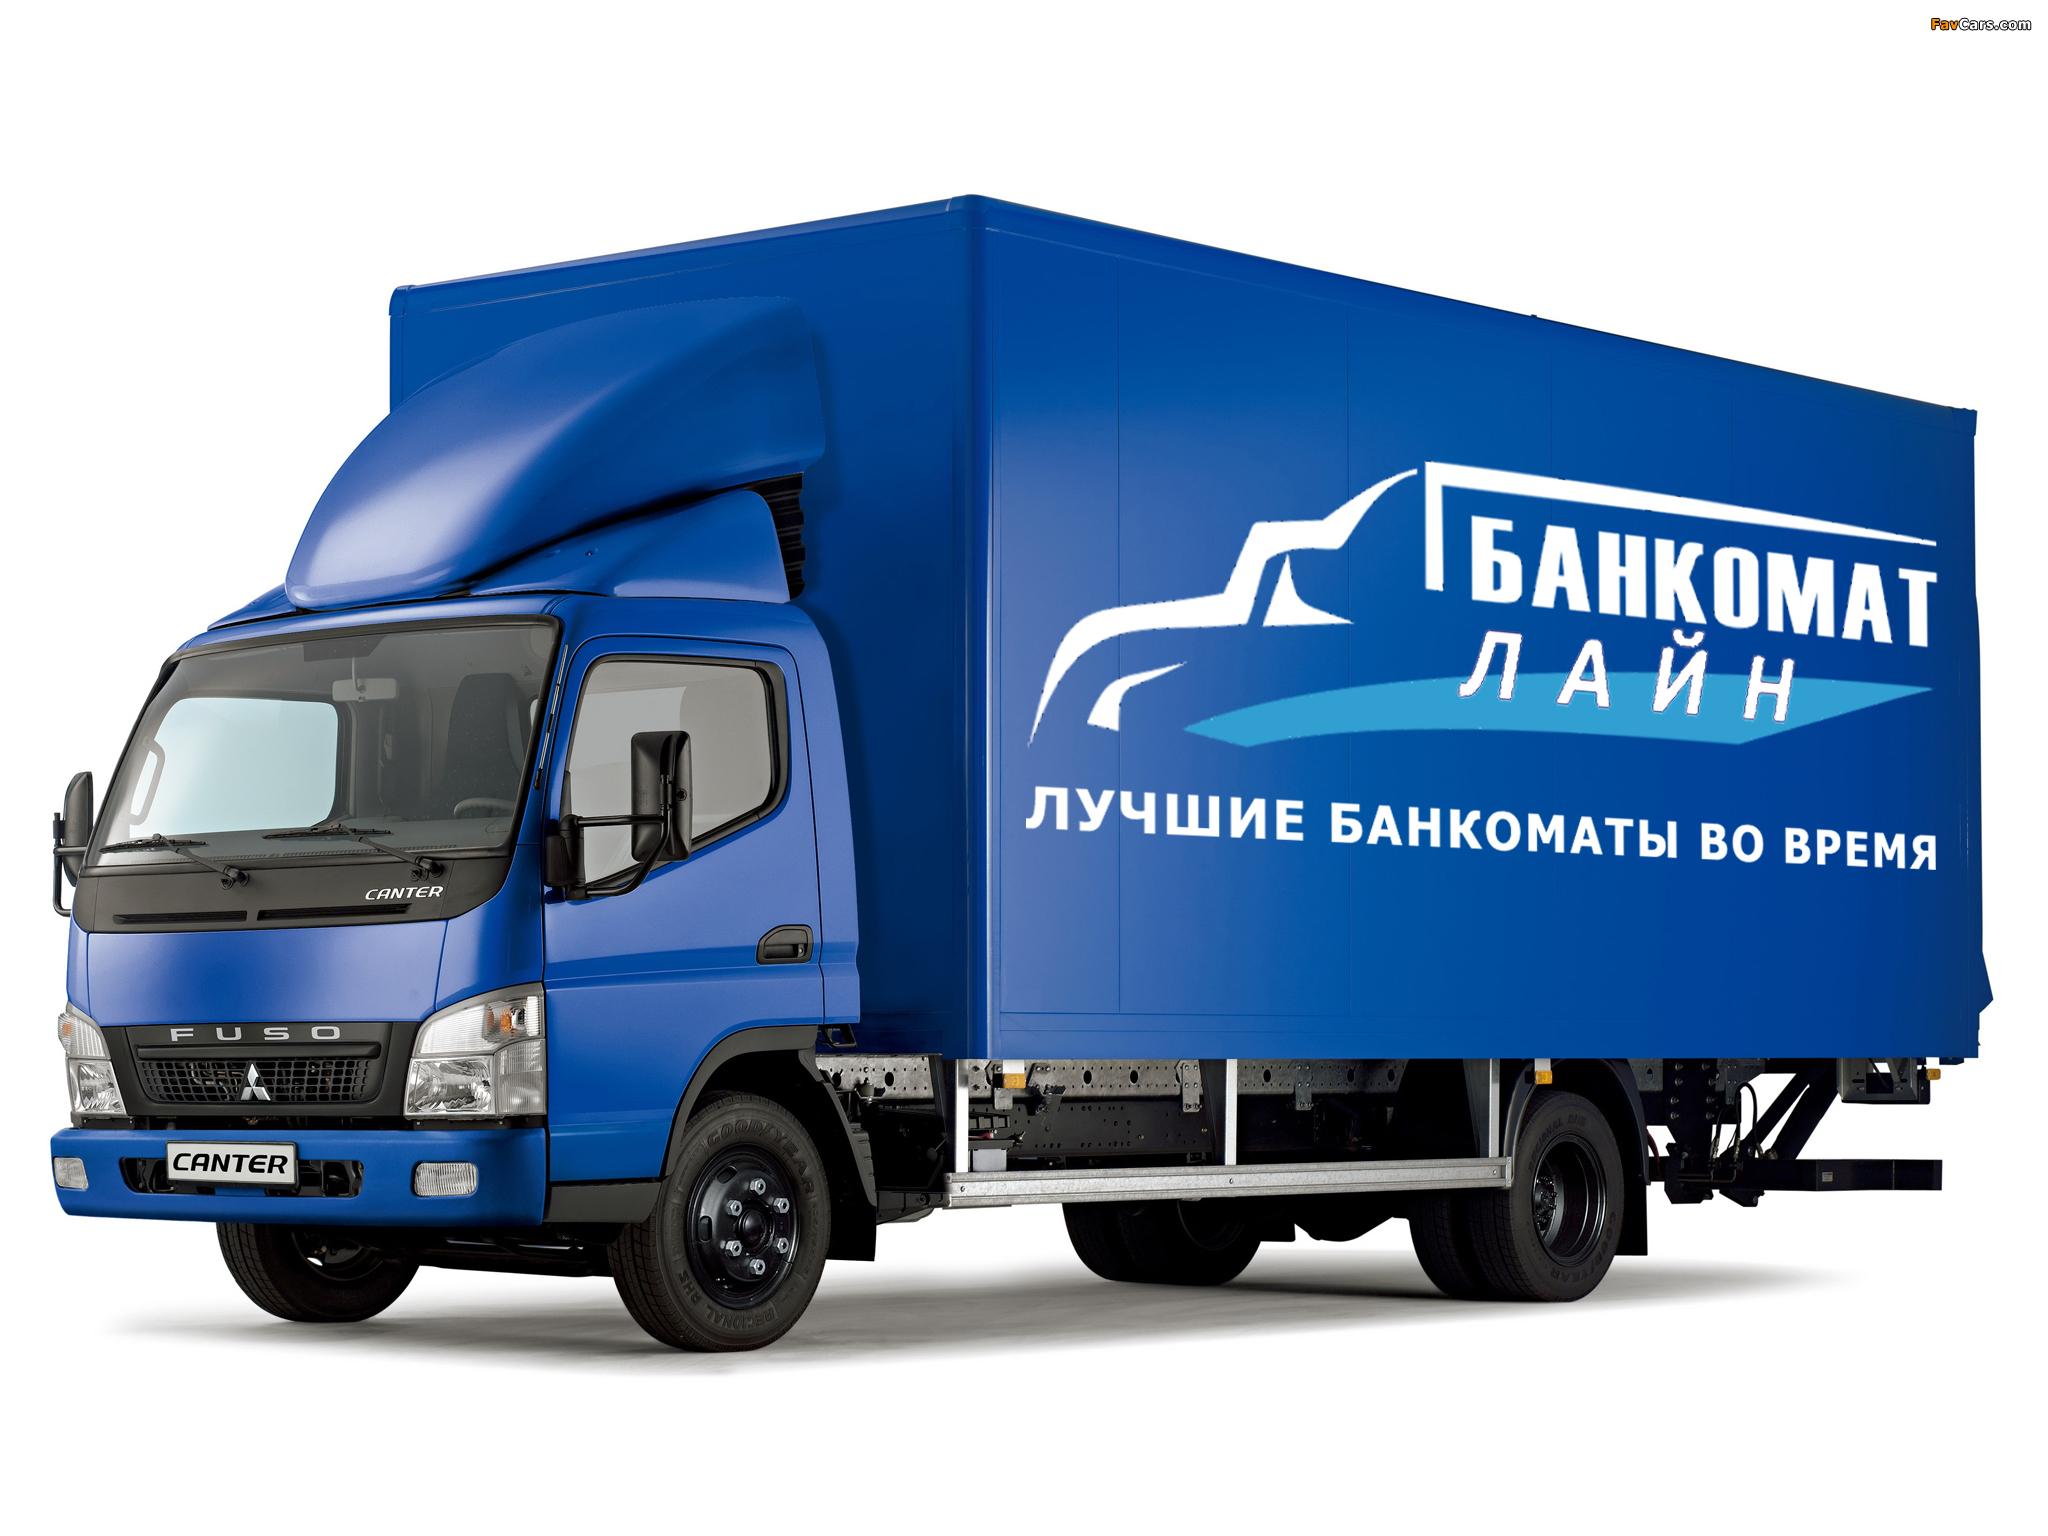 Разработка логотипа и слогана для транспортной компании фото f_2985878f210eccf6.jpg